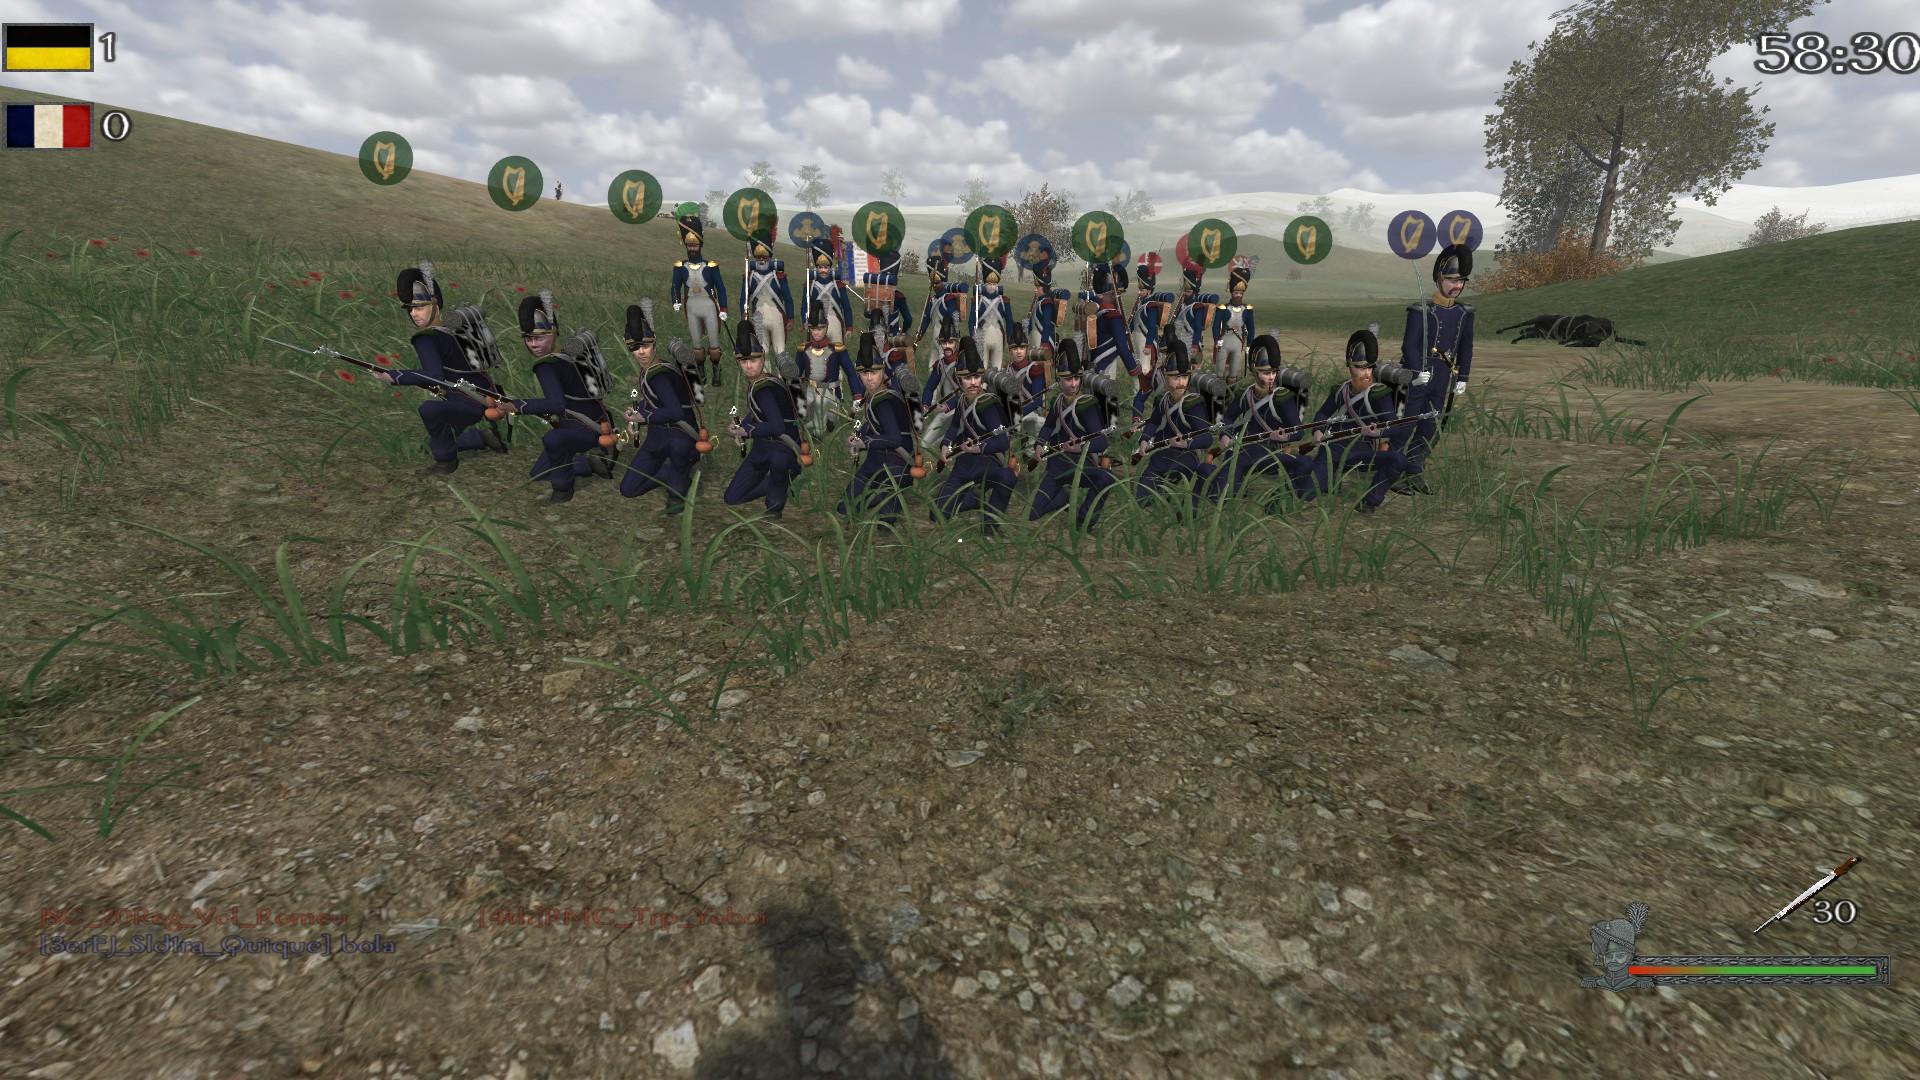 Firmas, capturas y vídeos del regimiento 4E0E364C44999382AFA354F5D412EC42835E4267